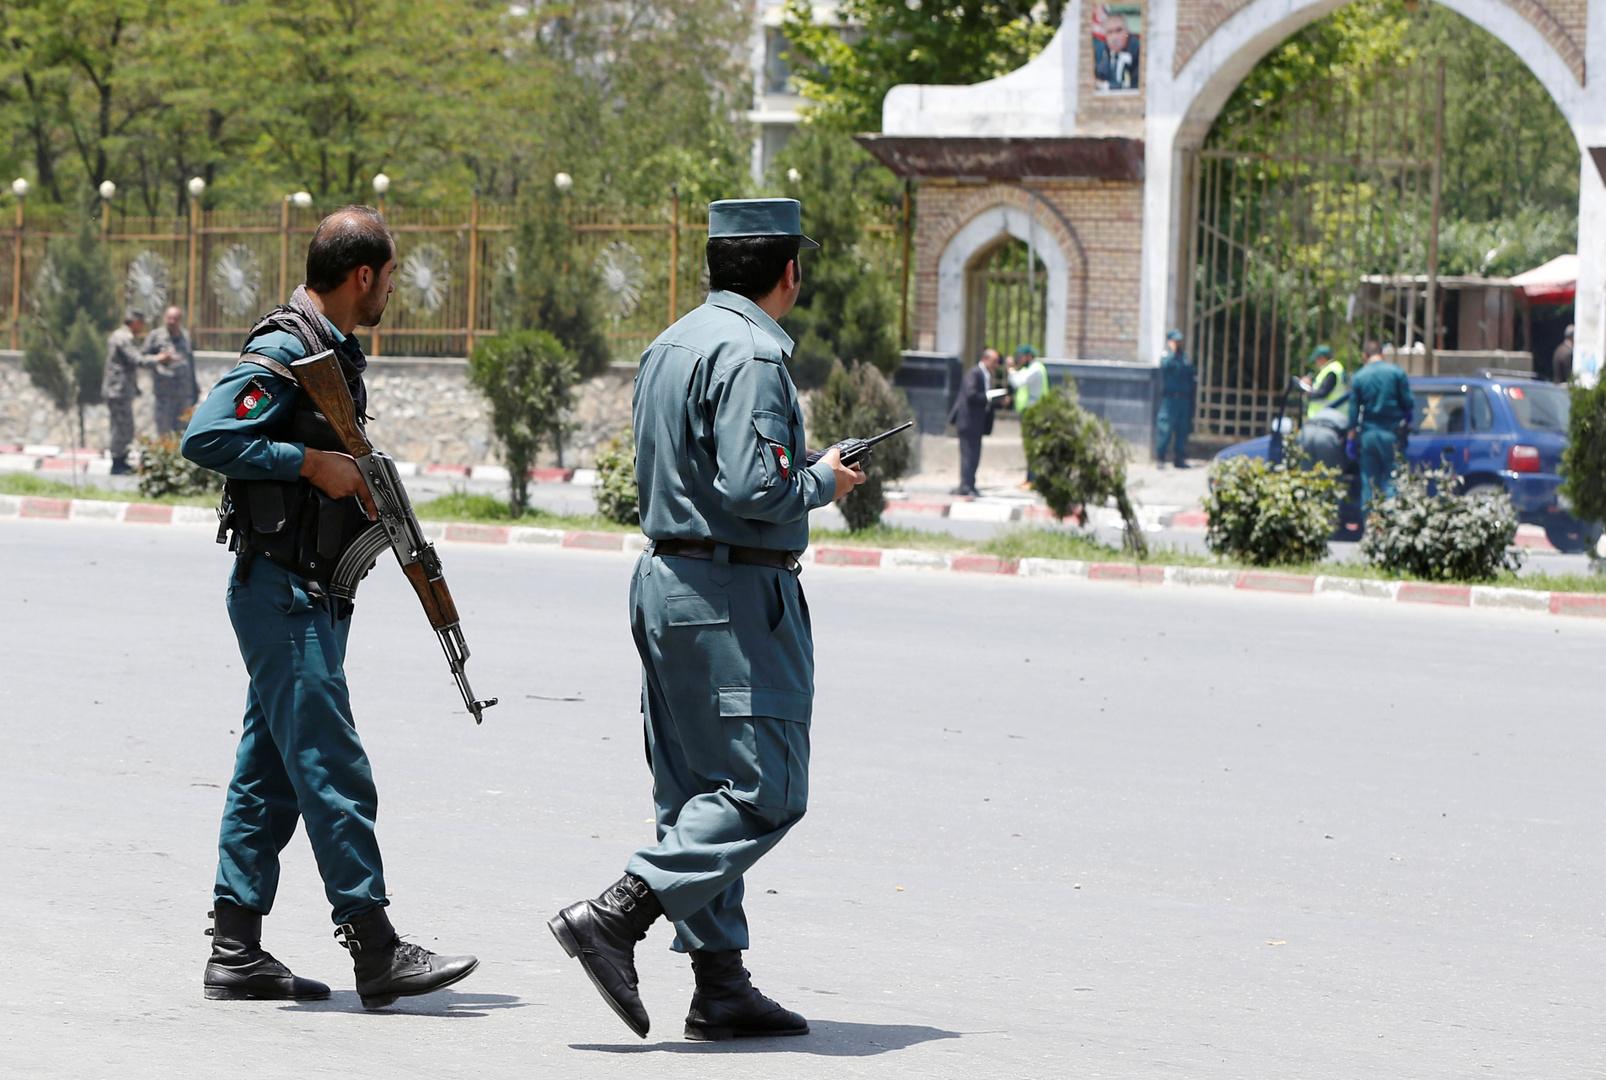 الداخلية الأفغانية: فرض حظر تجول بجميع الولايات باستثناء 3 فقط للحد من نشاط